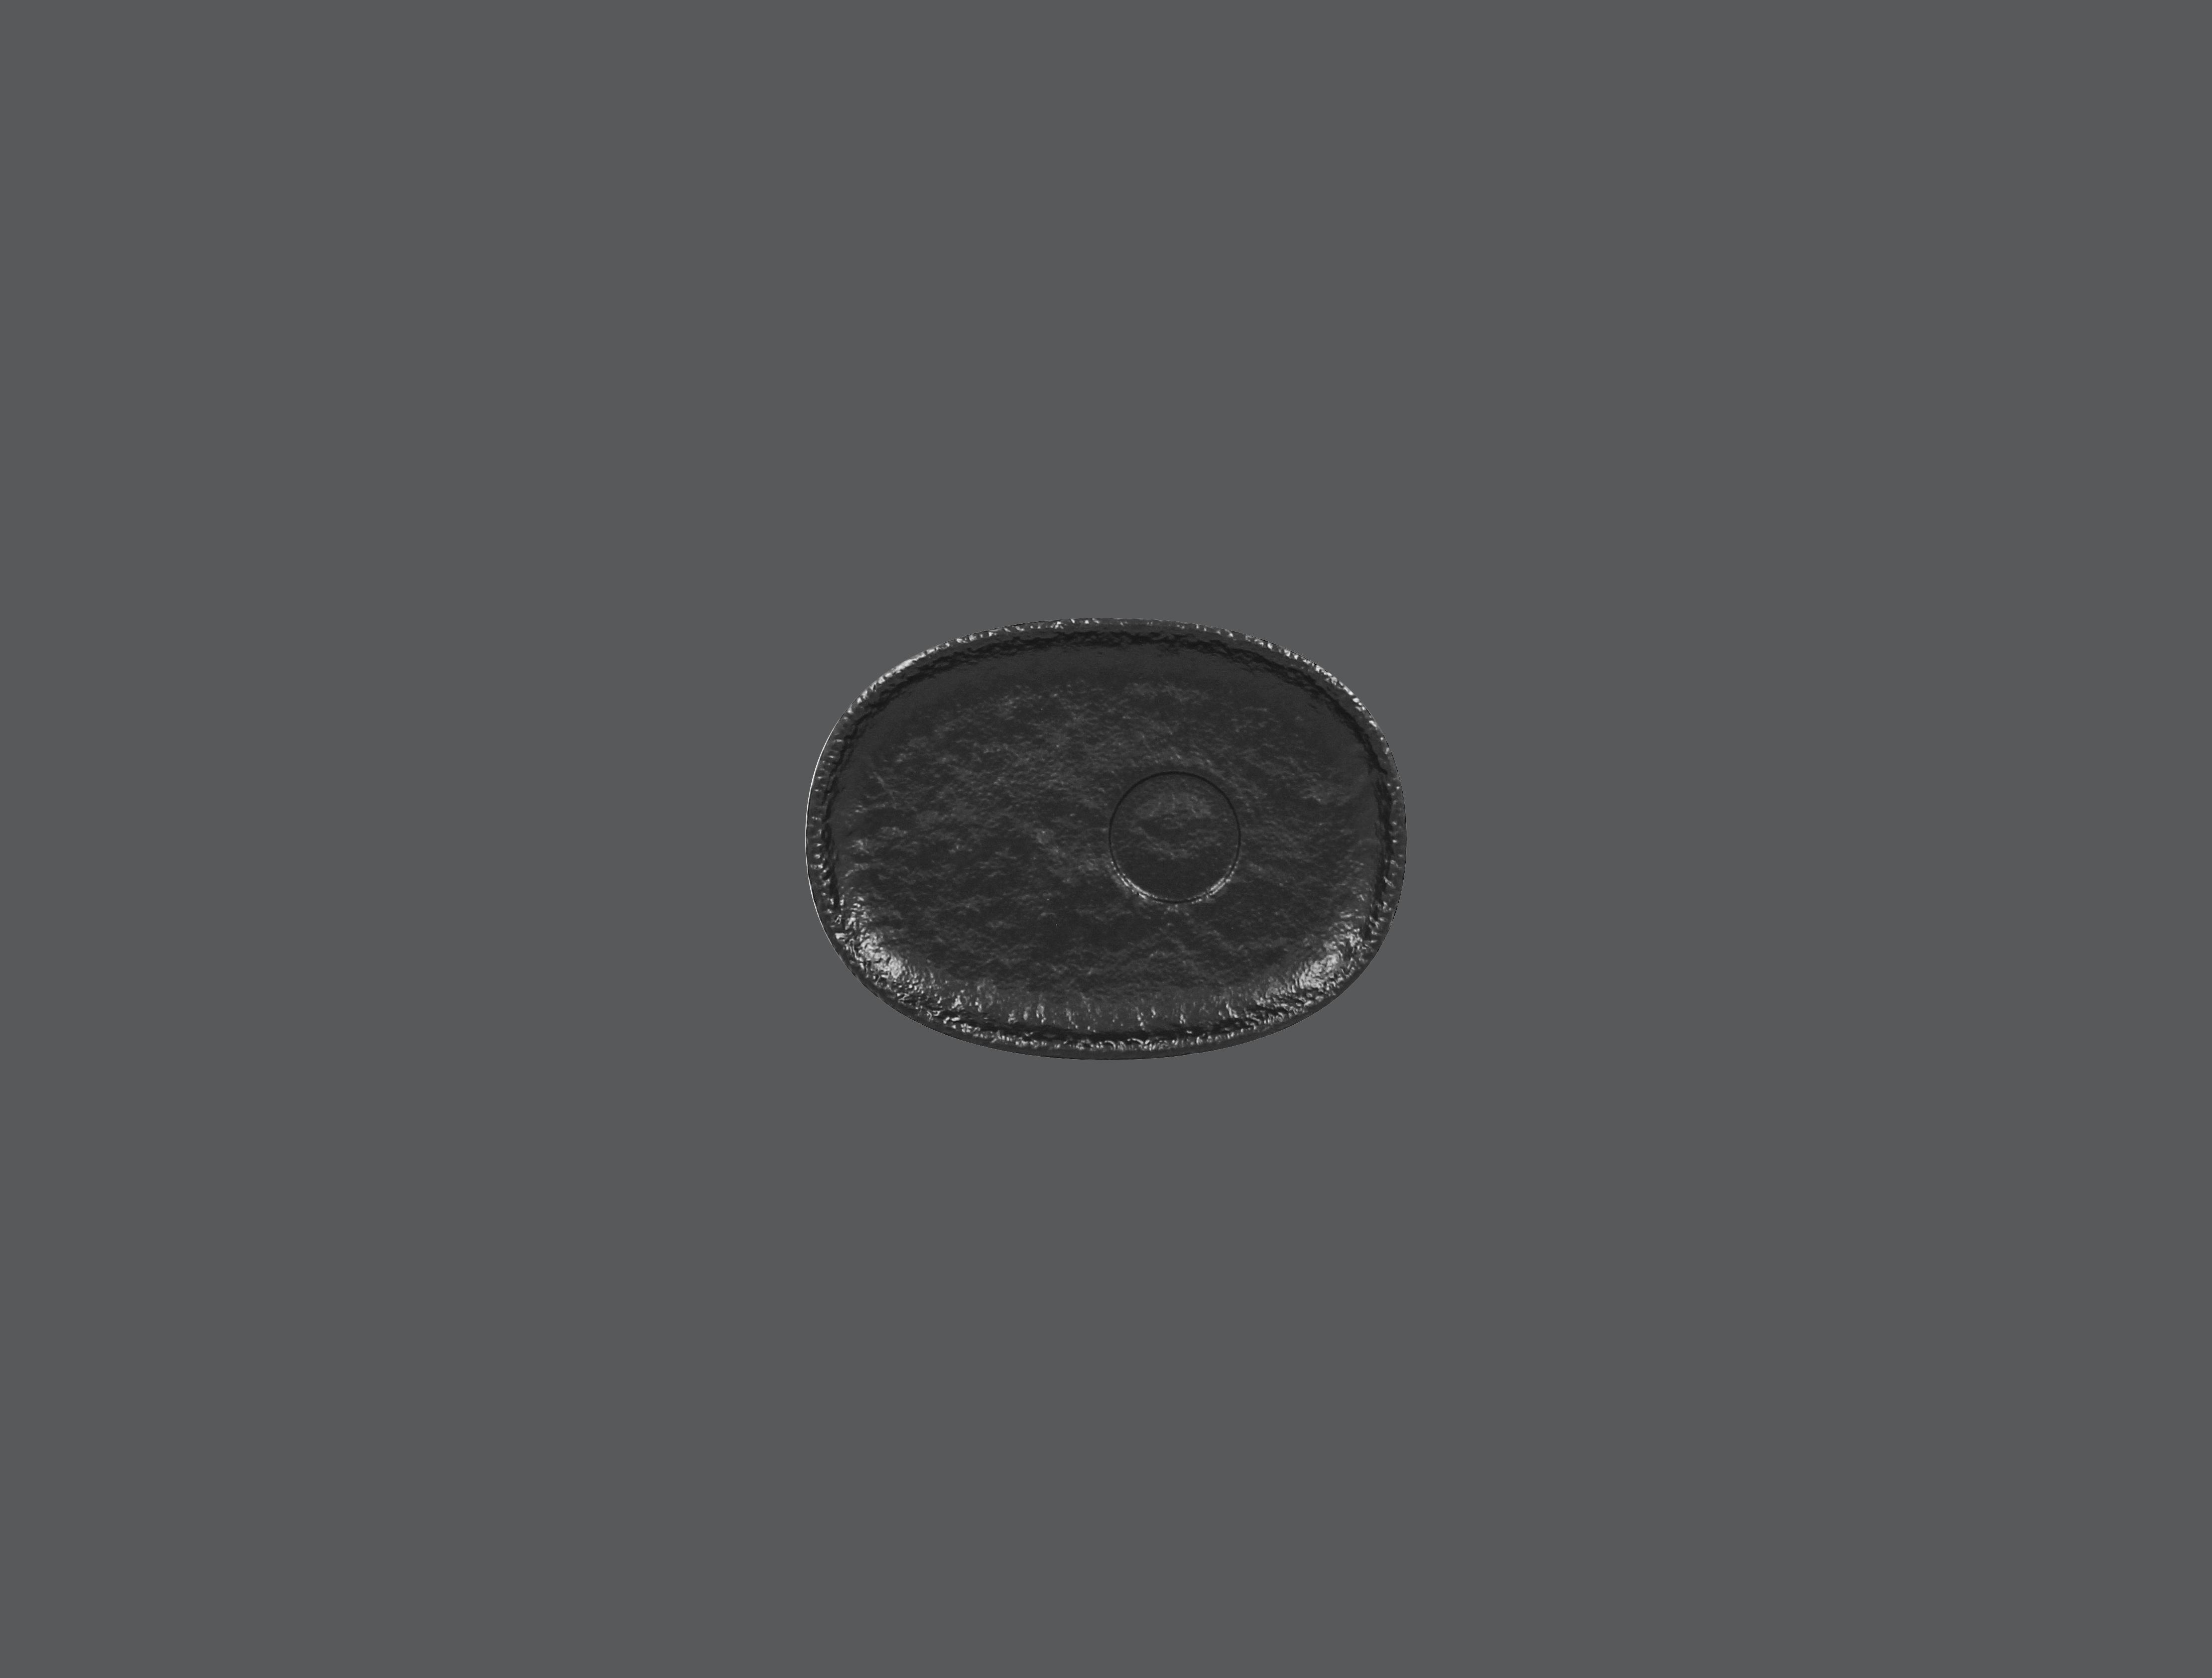 Podšálek ovalný pro RKCU09 ROKS